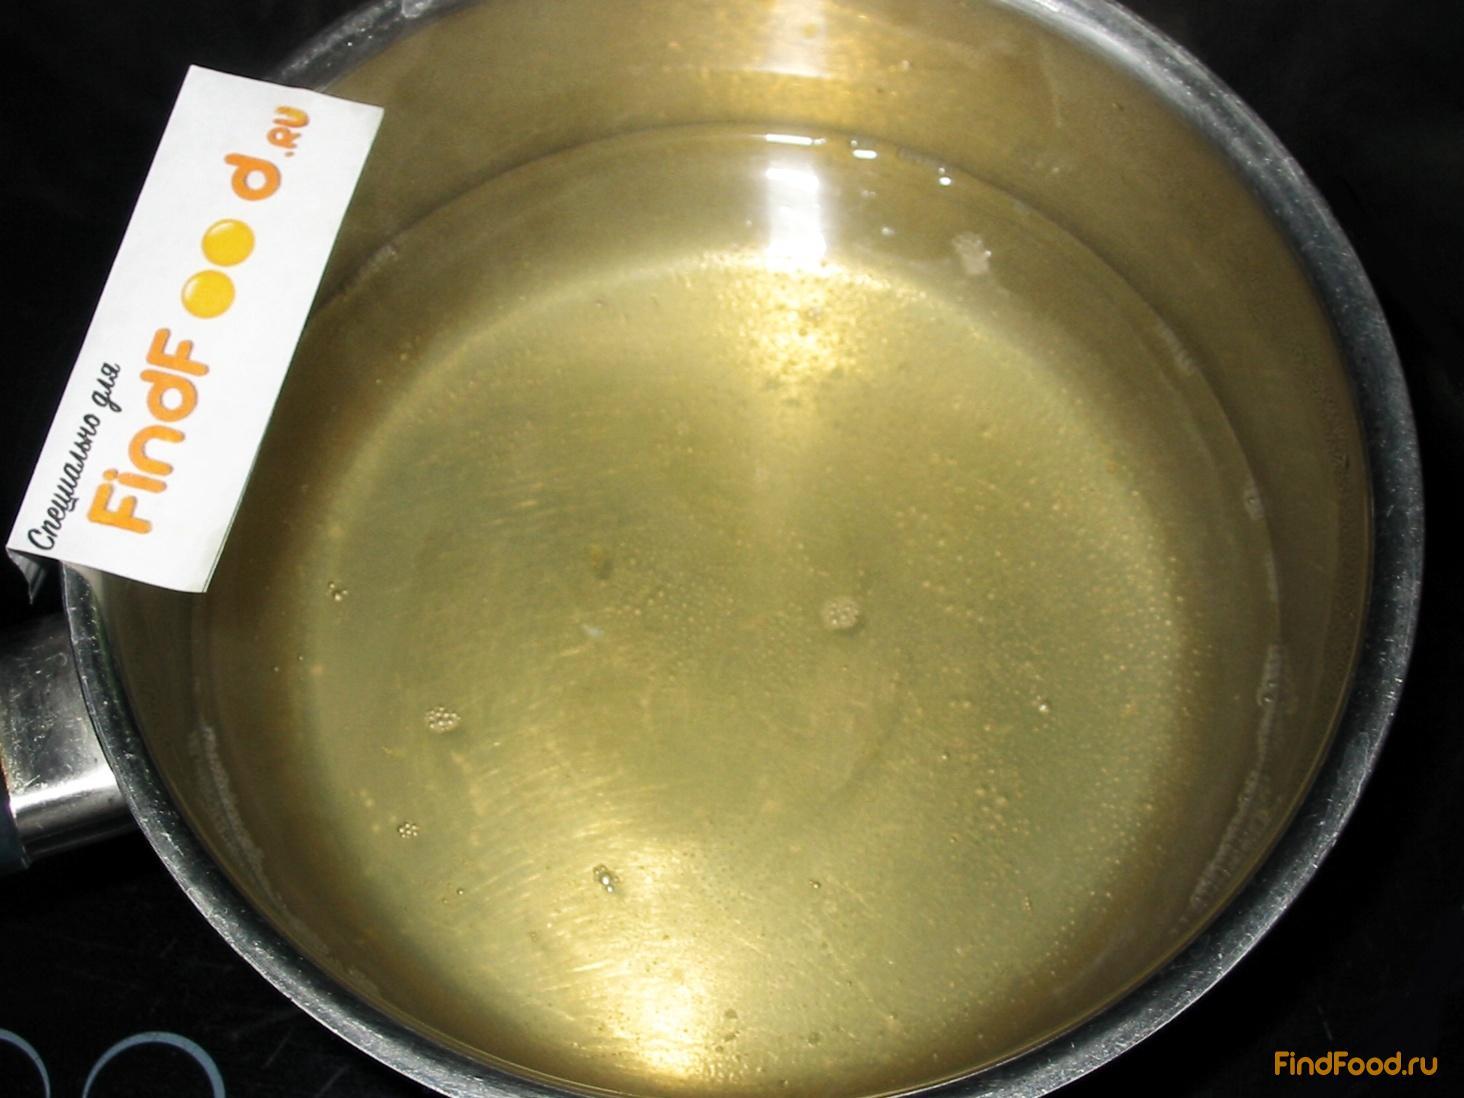 Рецепты с желатином пошагового